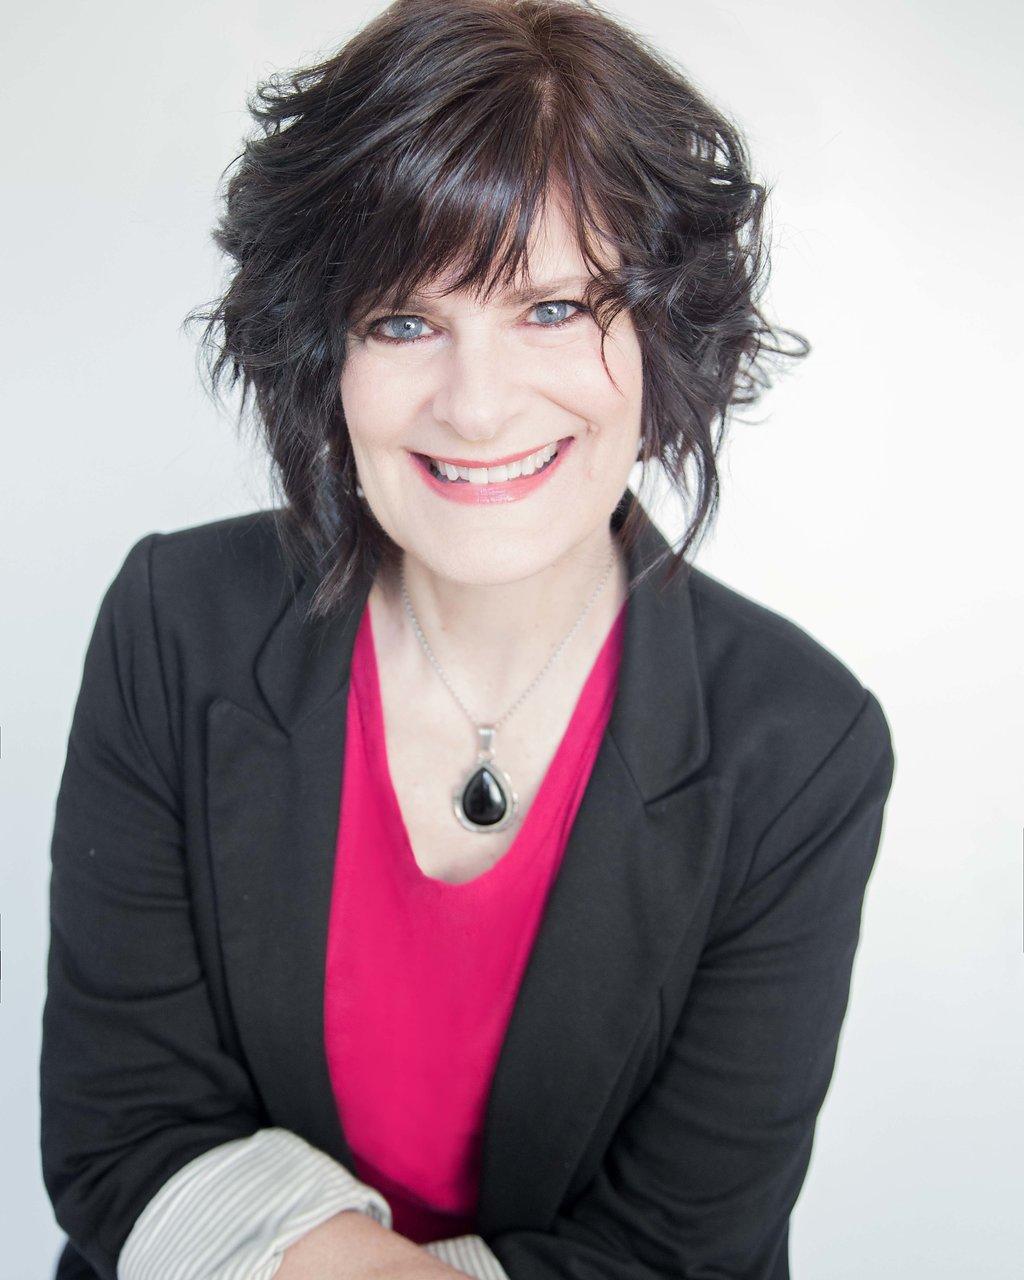 Stacy Dymalski, a.k.a The Memoir Midwife